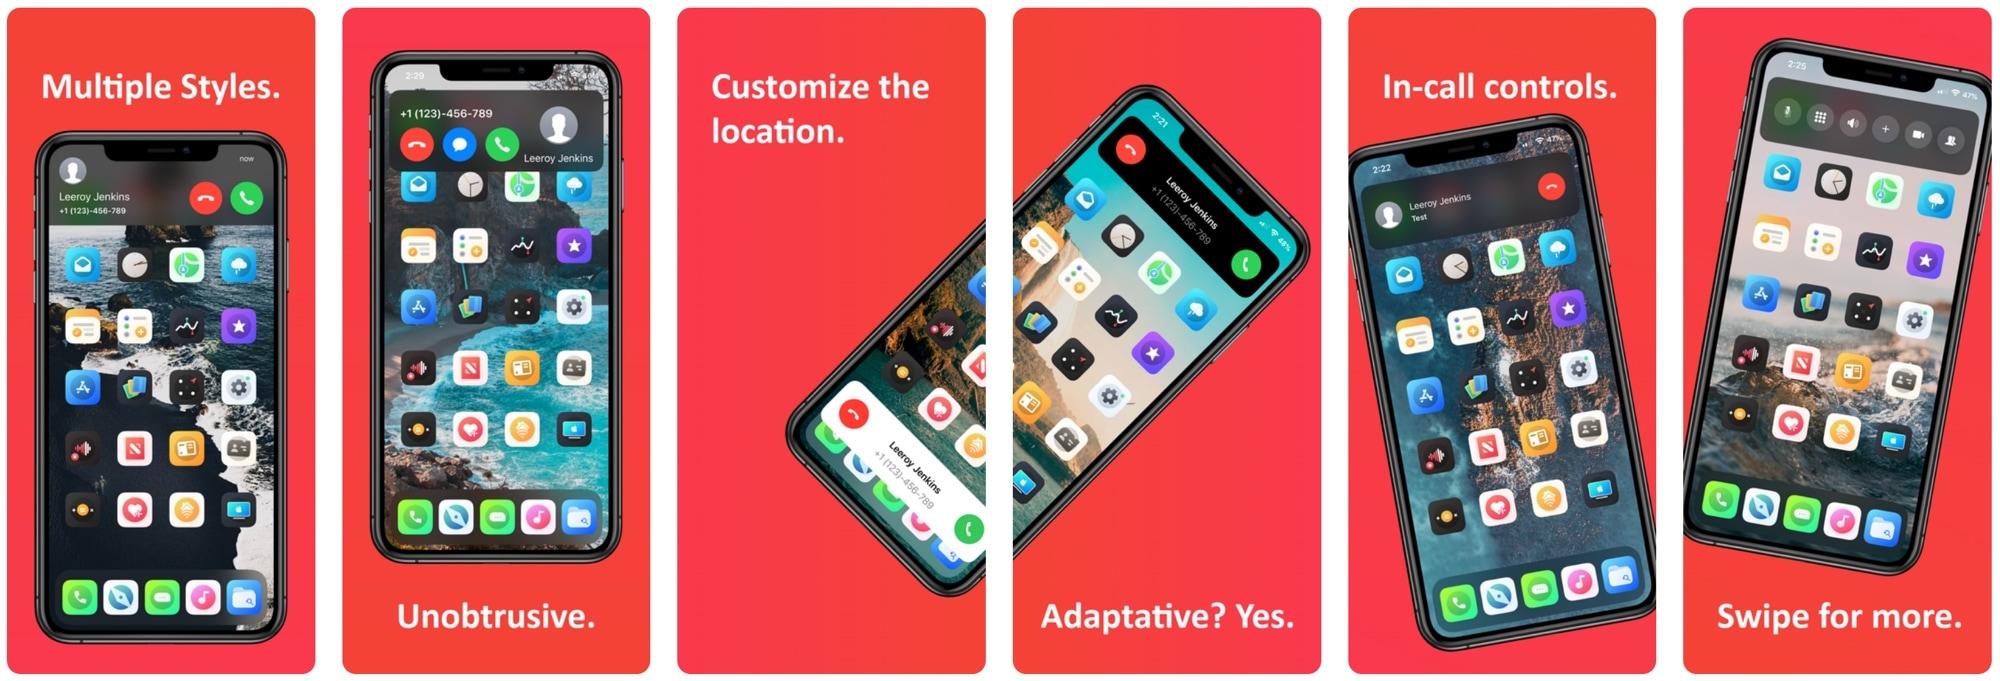 Hatar du iPhone: s inbyggda gränssnitt för inkommande samtal? Du kanske gillar Scorpion 1